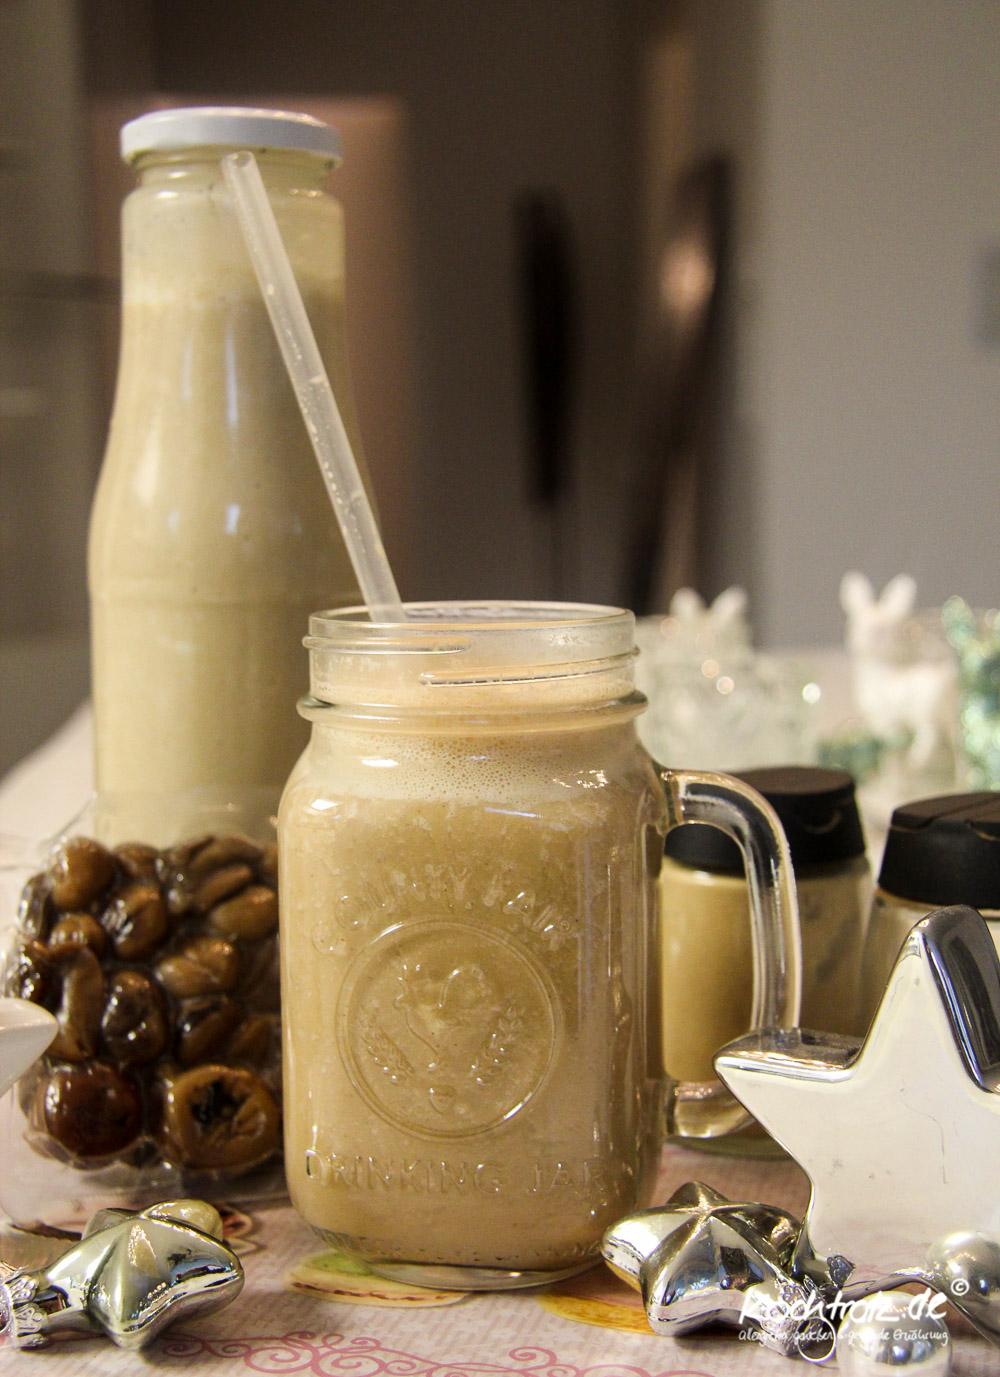 maronen-chai-latte-rezept-vegan-chestnut-spiced-chai-latte-recipe-maronen-espresso-latte-1